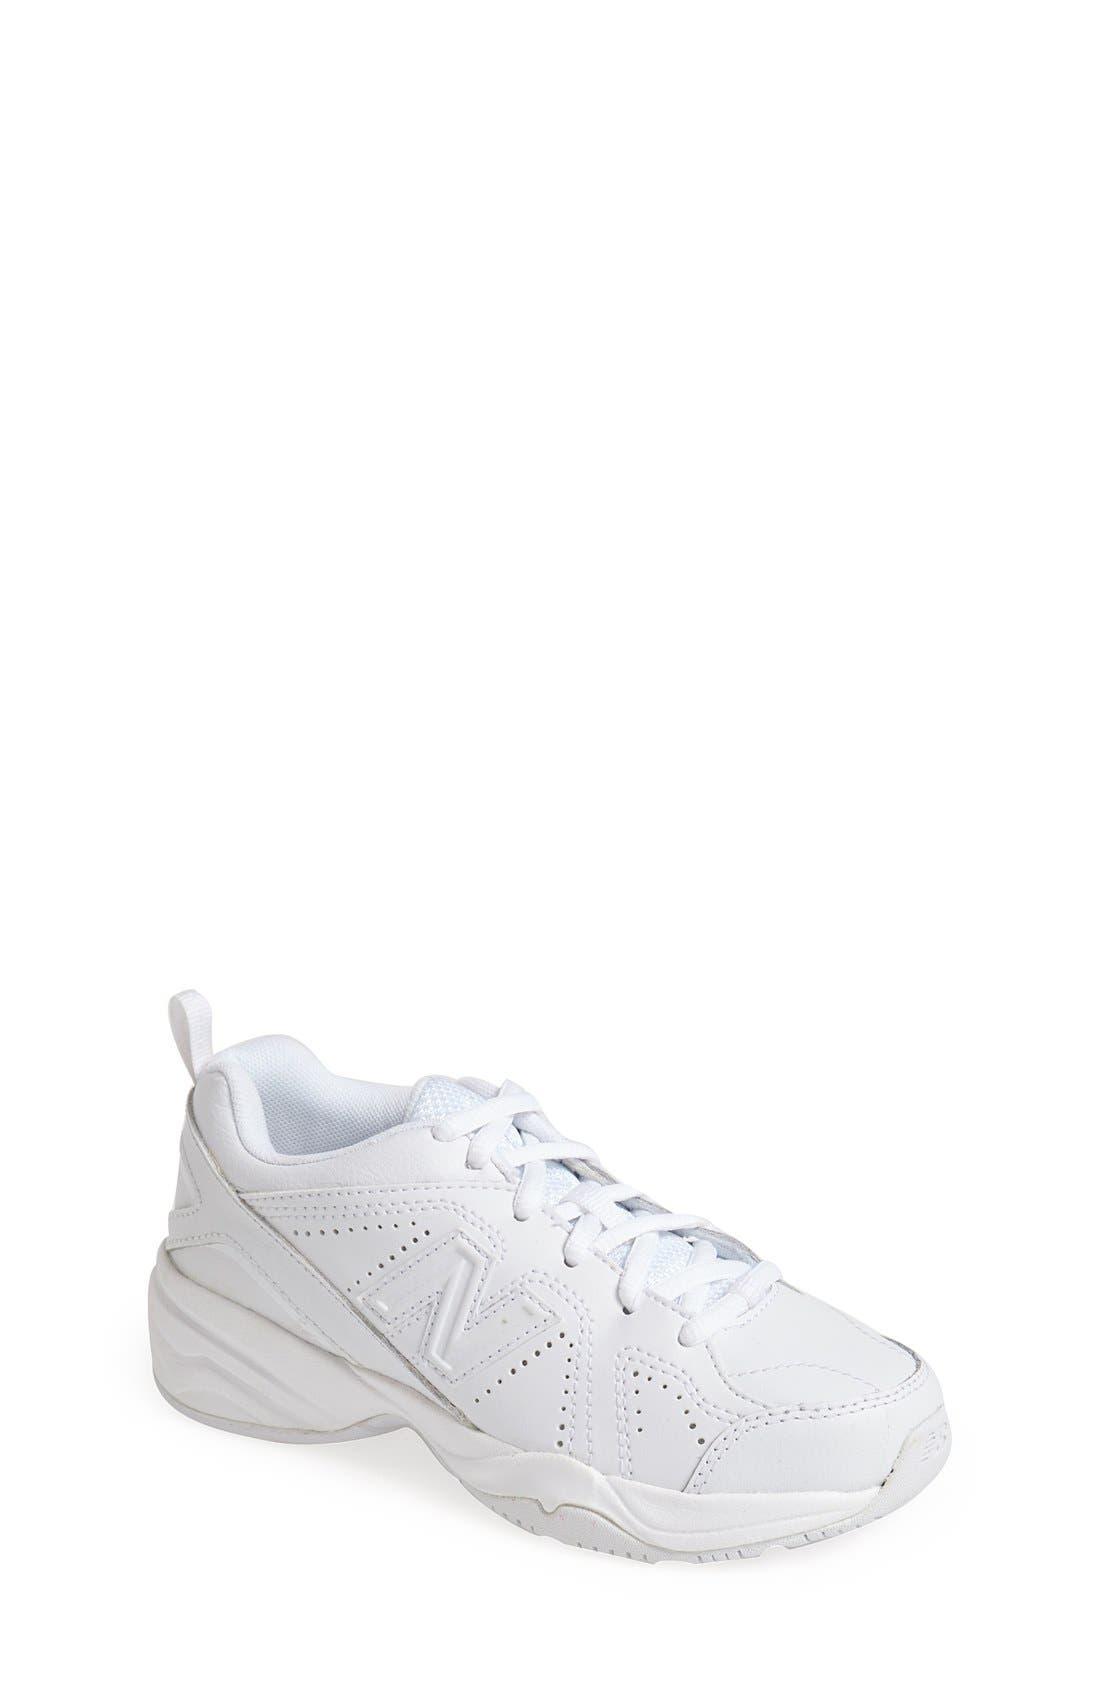 'Takedown 624v2' Sneaker,                         Main,                         color, White